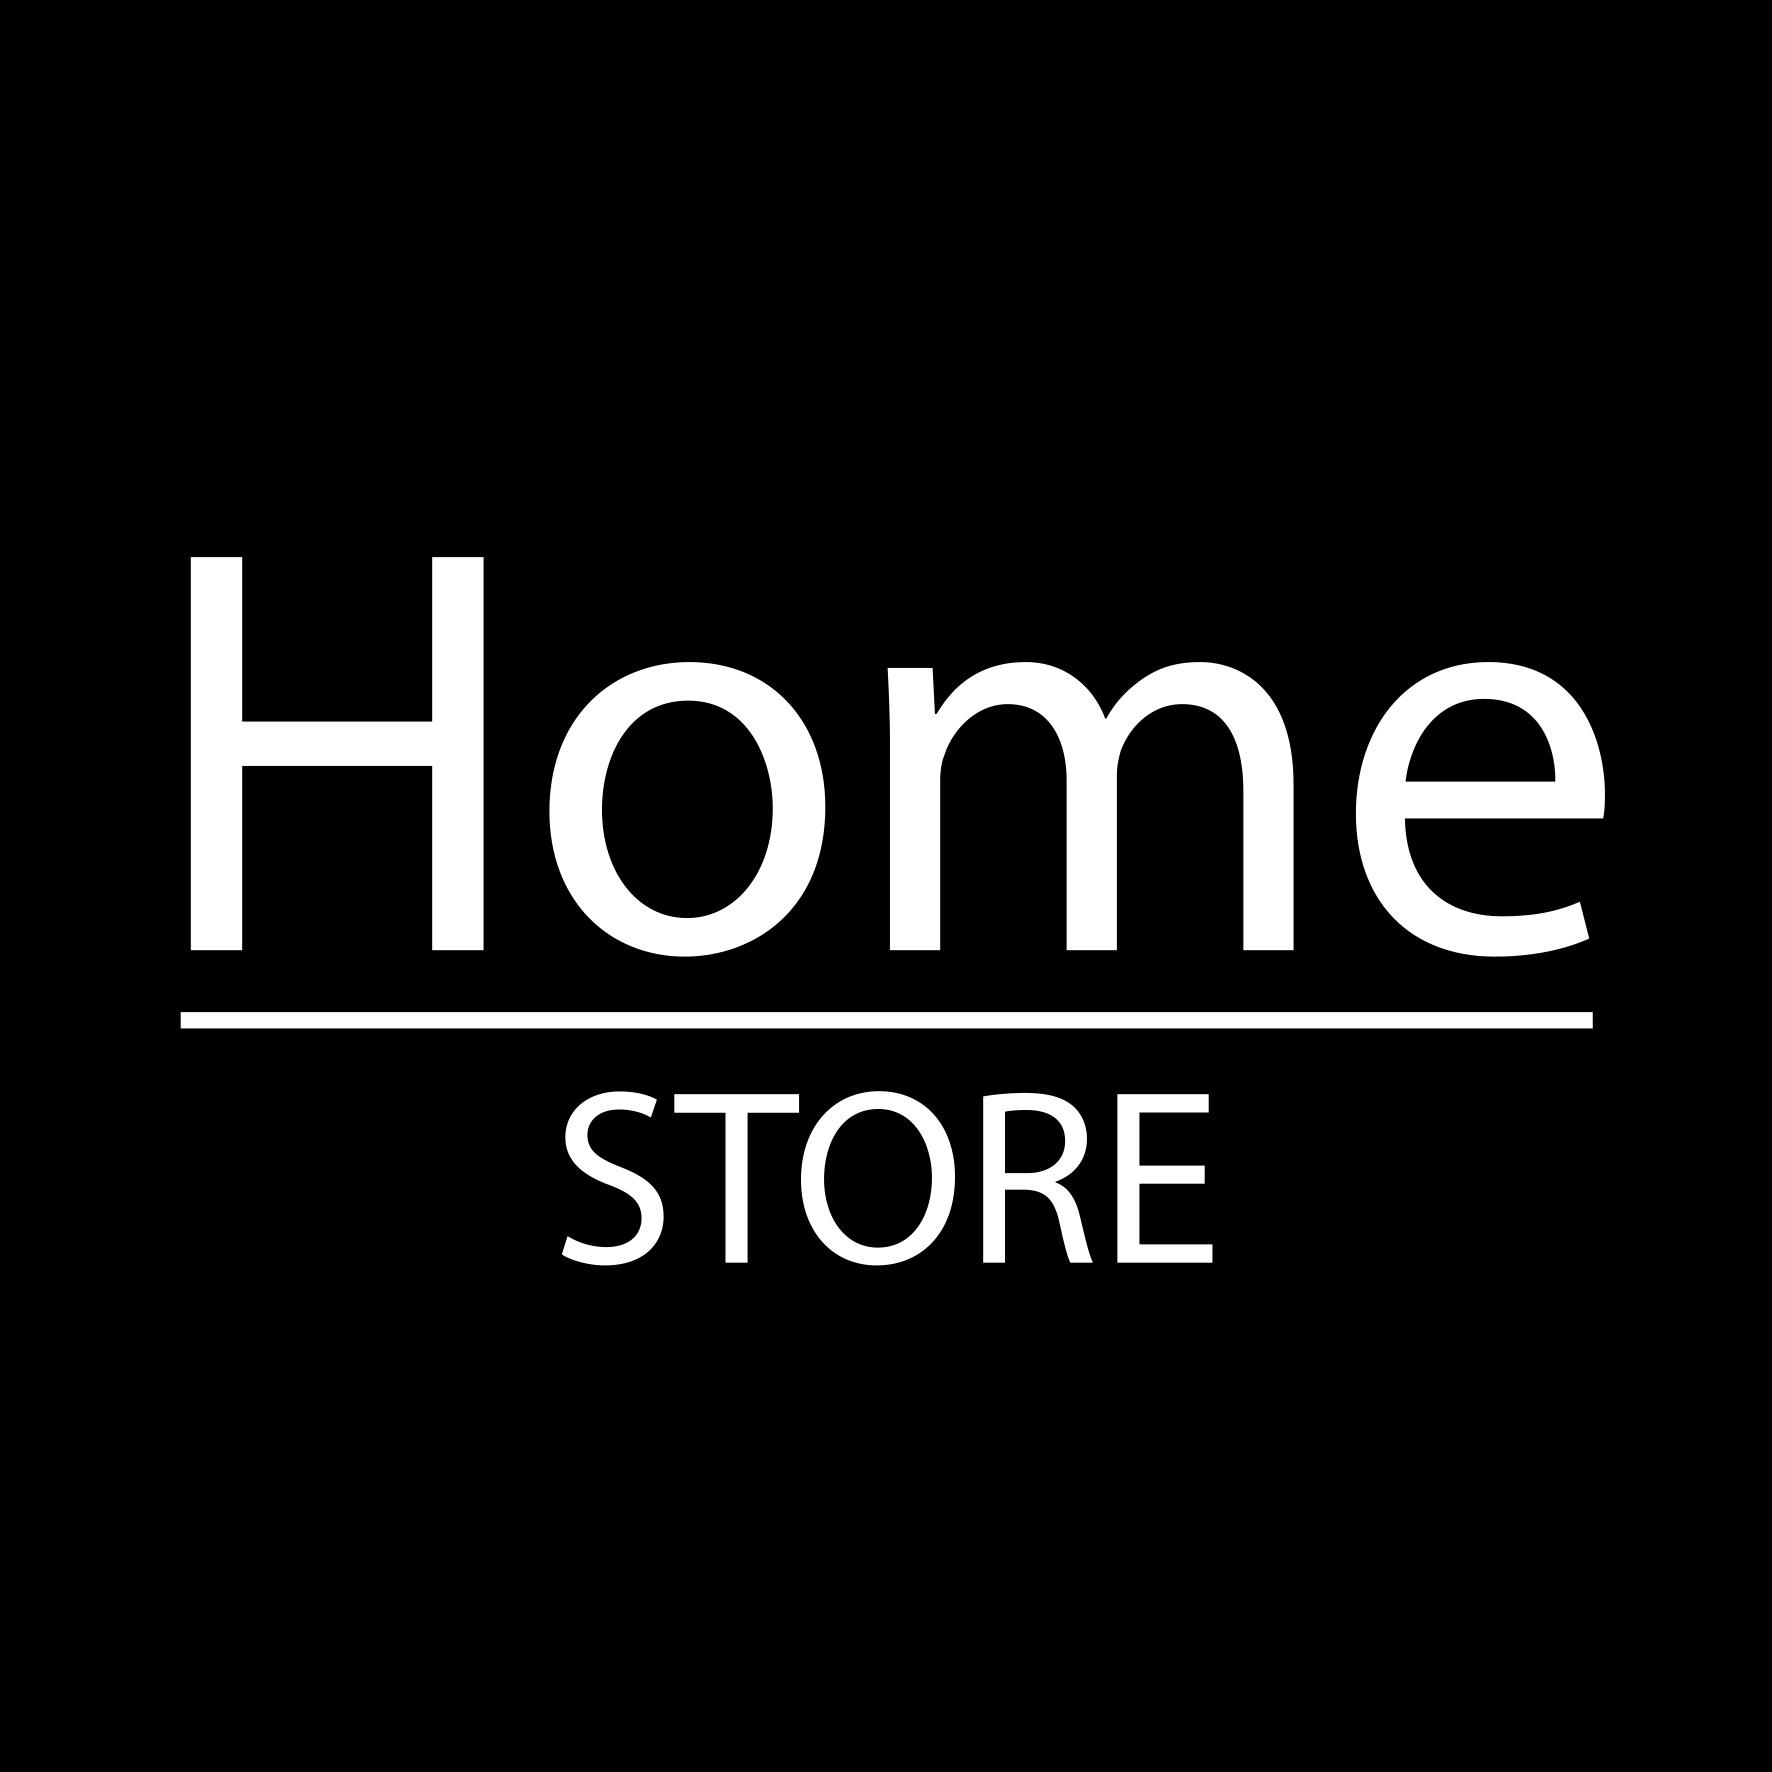 LOGO HOME STORE 2019